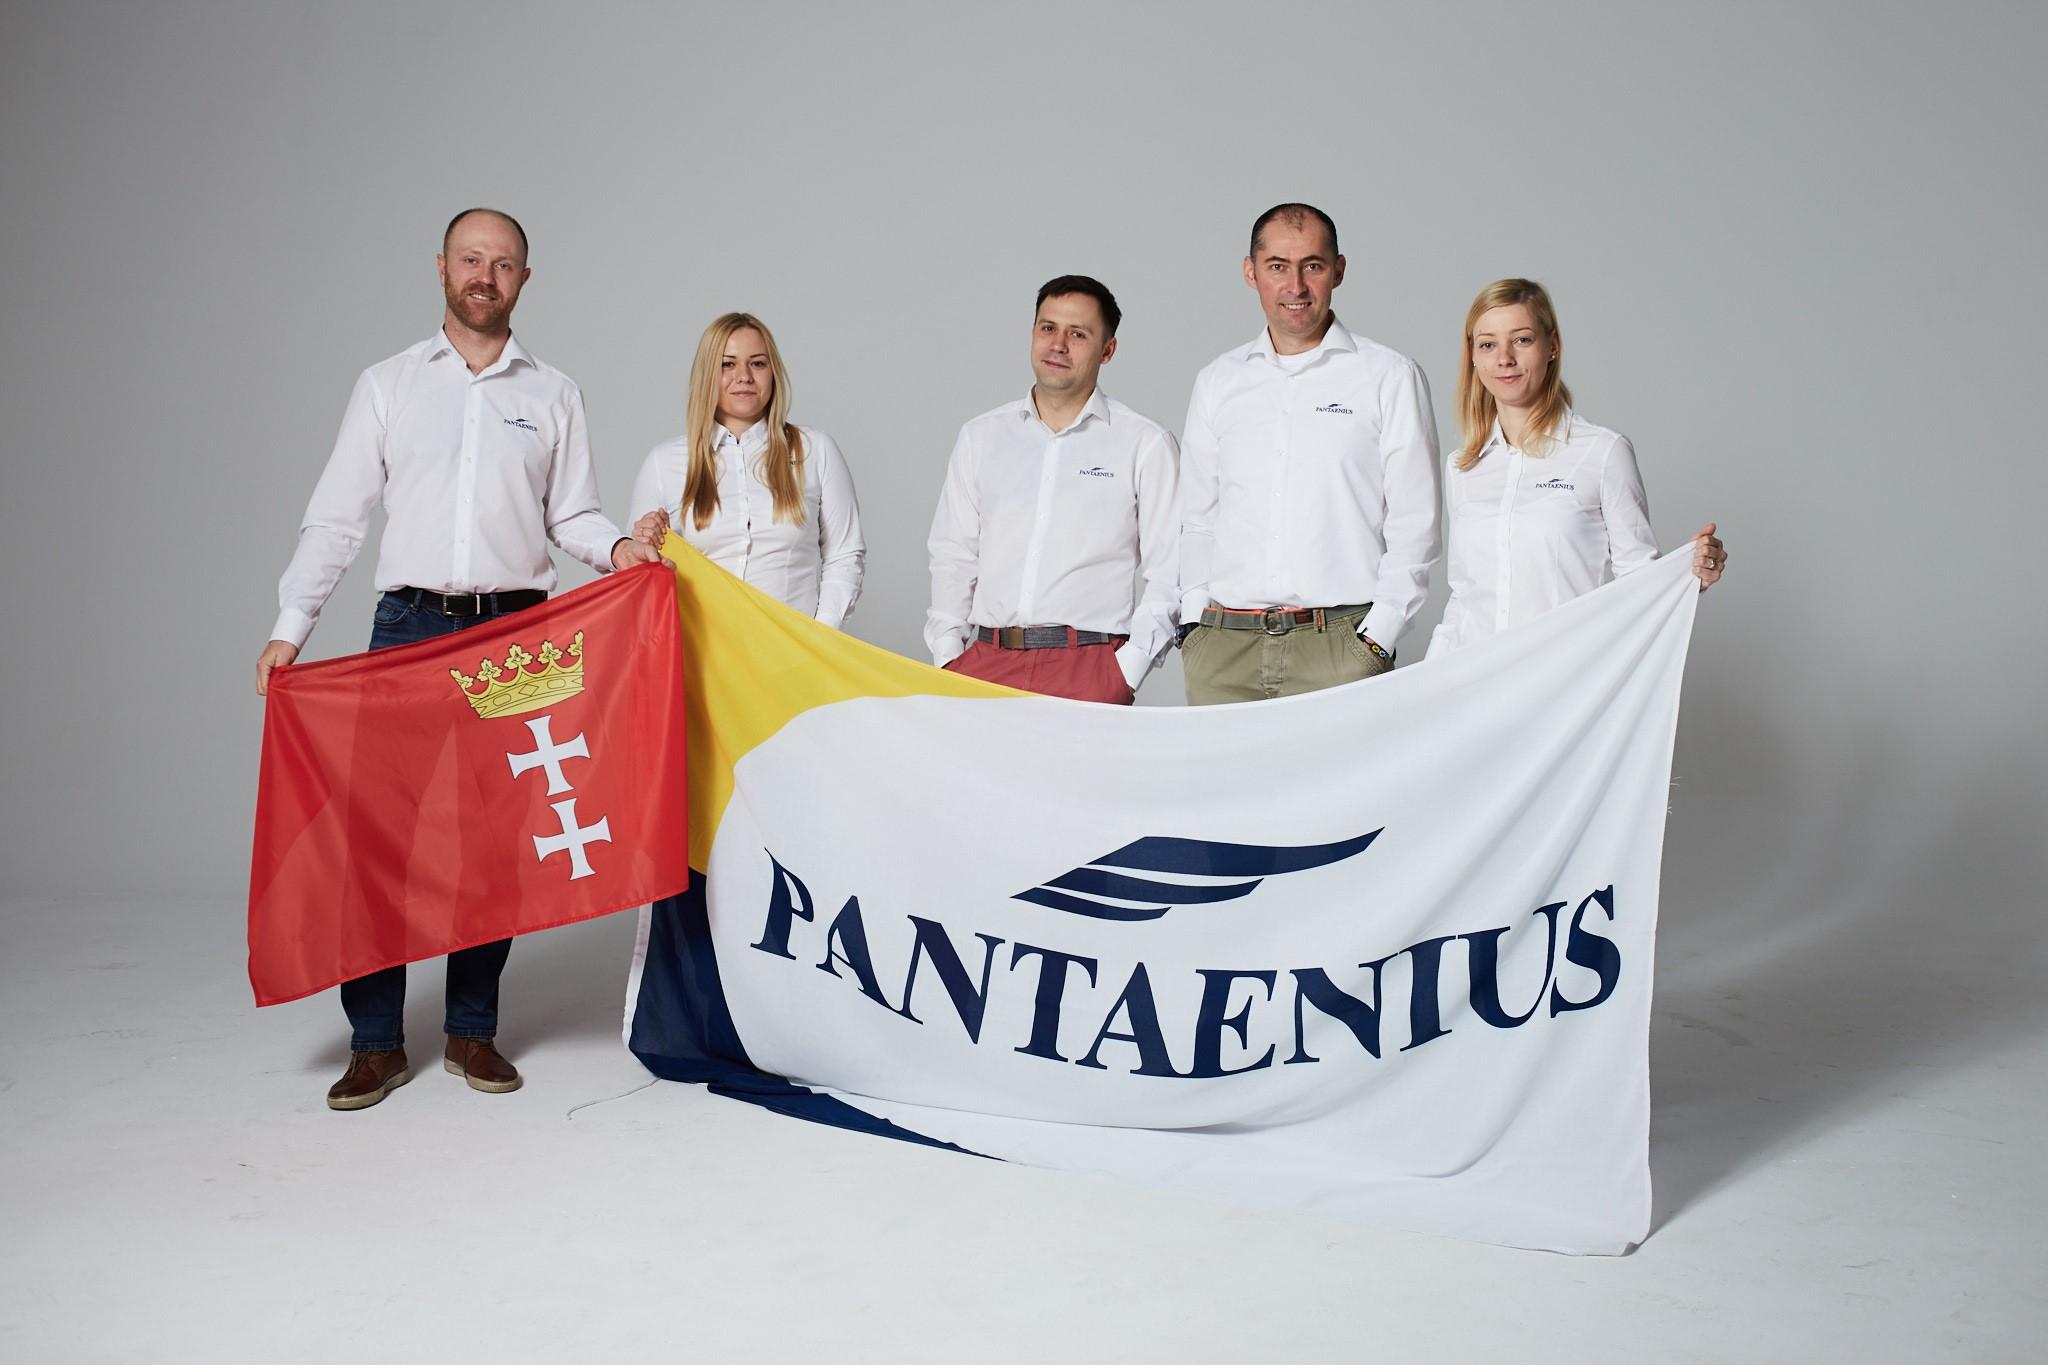 Pantaenius PL team2